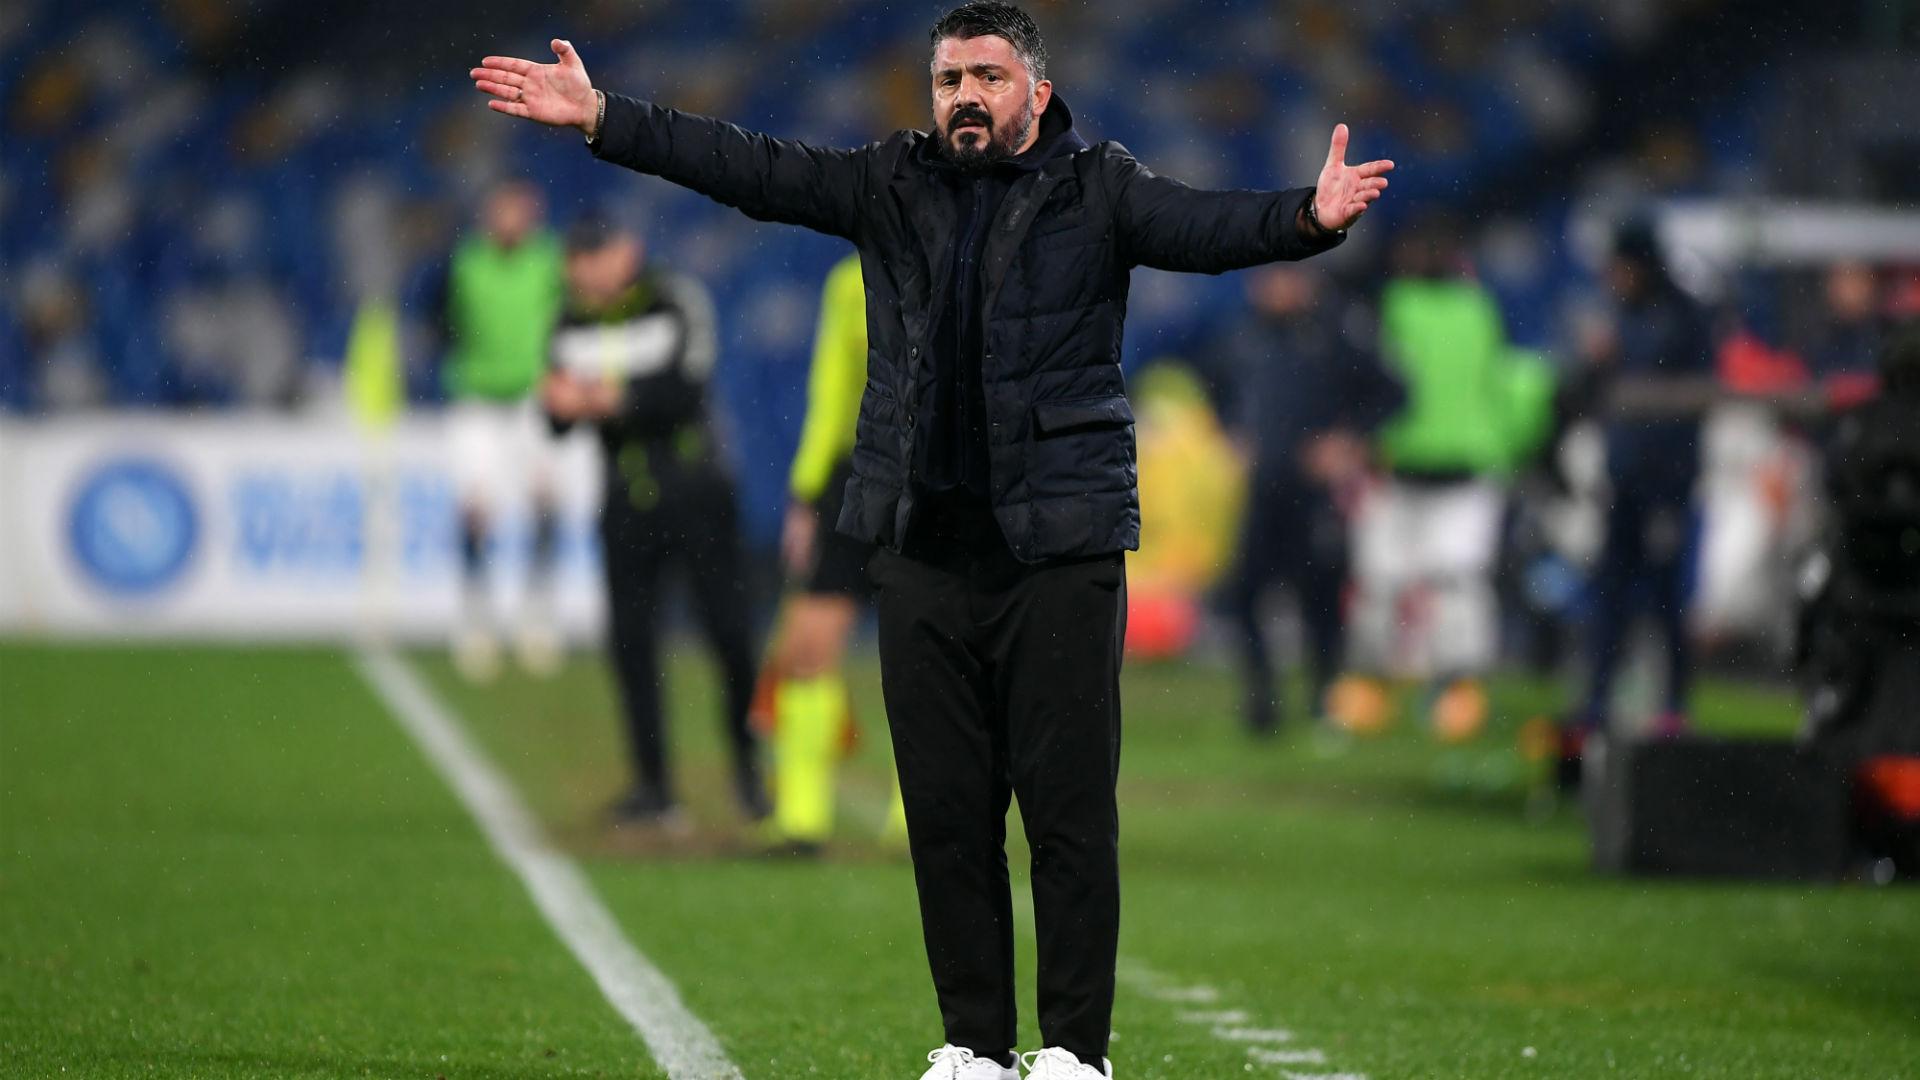 """Gattuso: """"Ci teniamo la vittoria, subito qualche ripartenza di troppo"""" -  Virgilio Sport"""